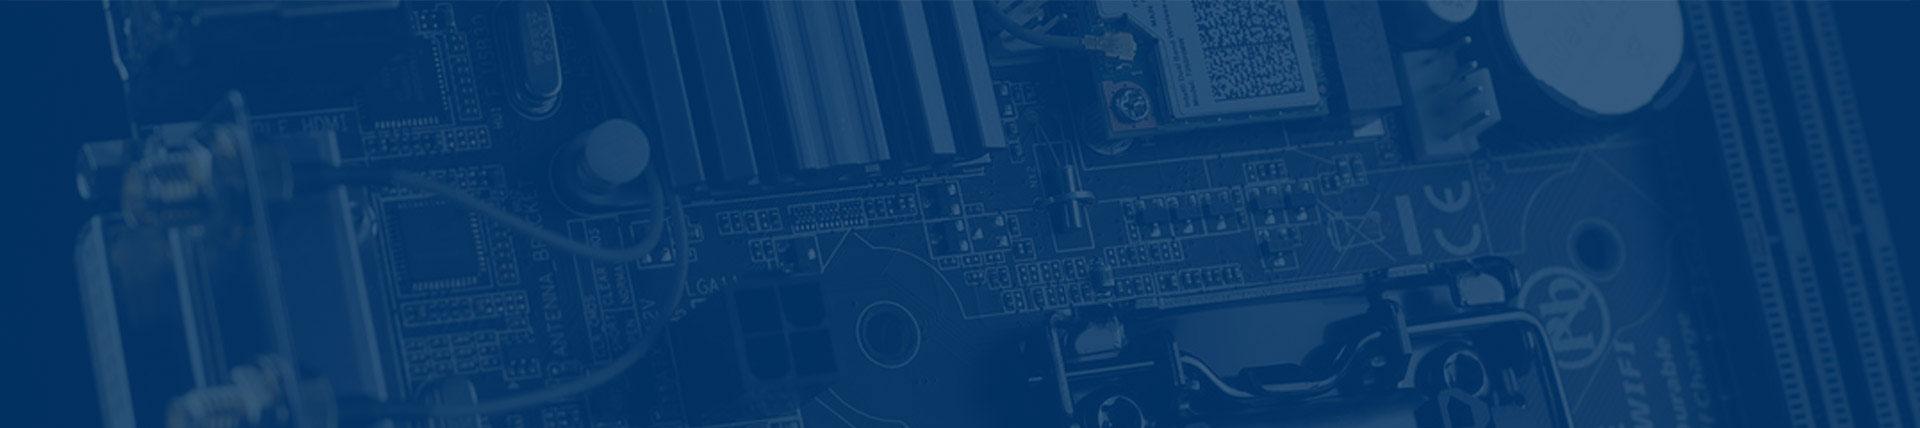 成都远石信息技术有限公司是四川专业gis地理信息系统软件专业服务提供商,主要致力于二三维gis技术,结合物联网、大数据可视化和BIM等相关技术,构建一体化服务平台,服务于各个行业。欢迎大家来电咨询!